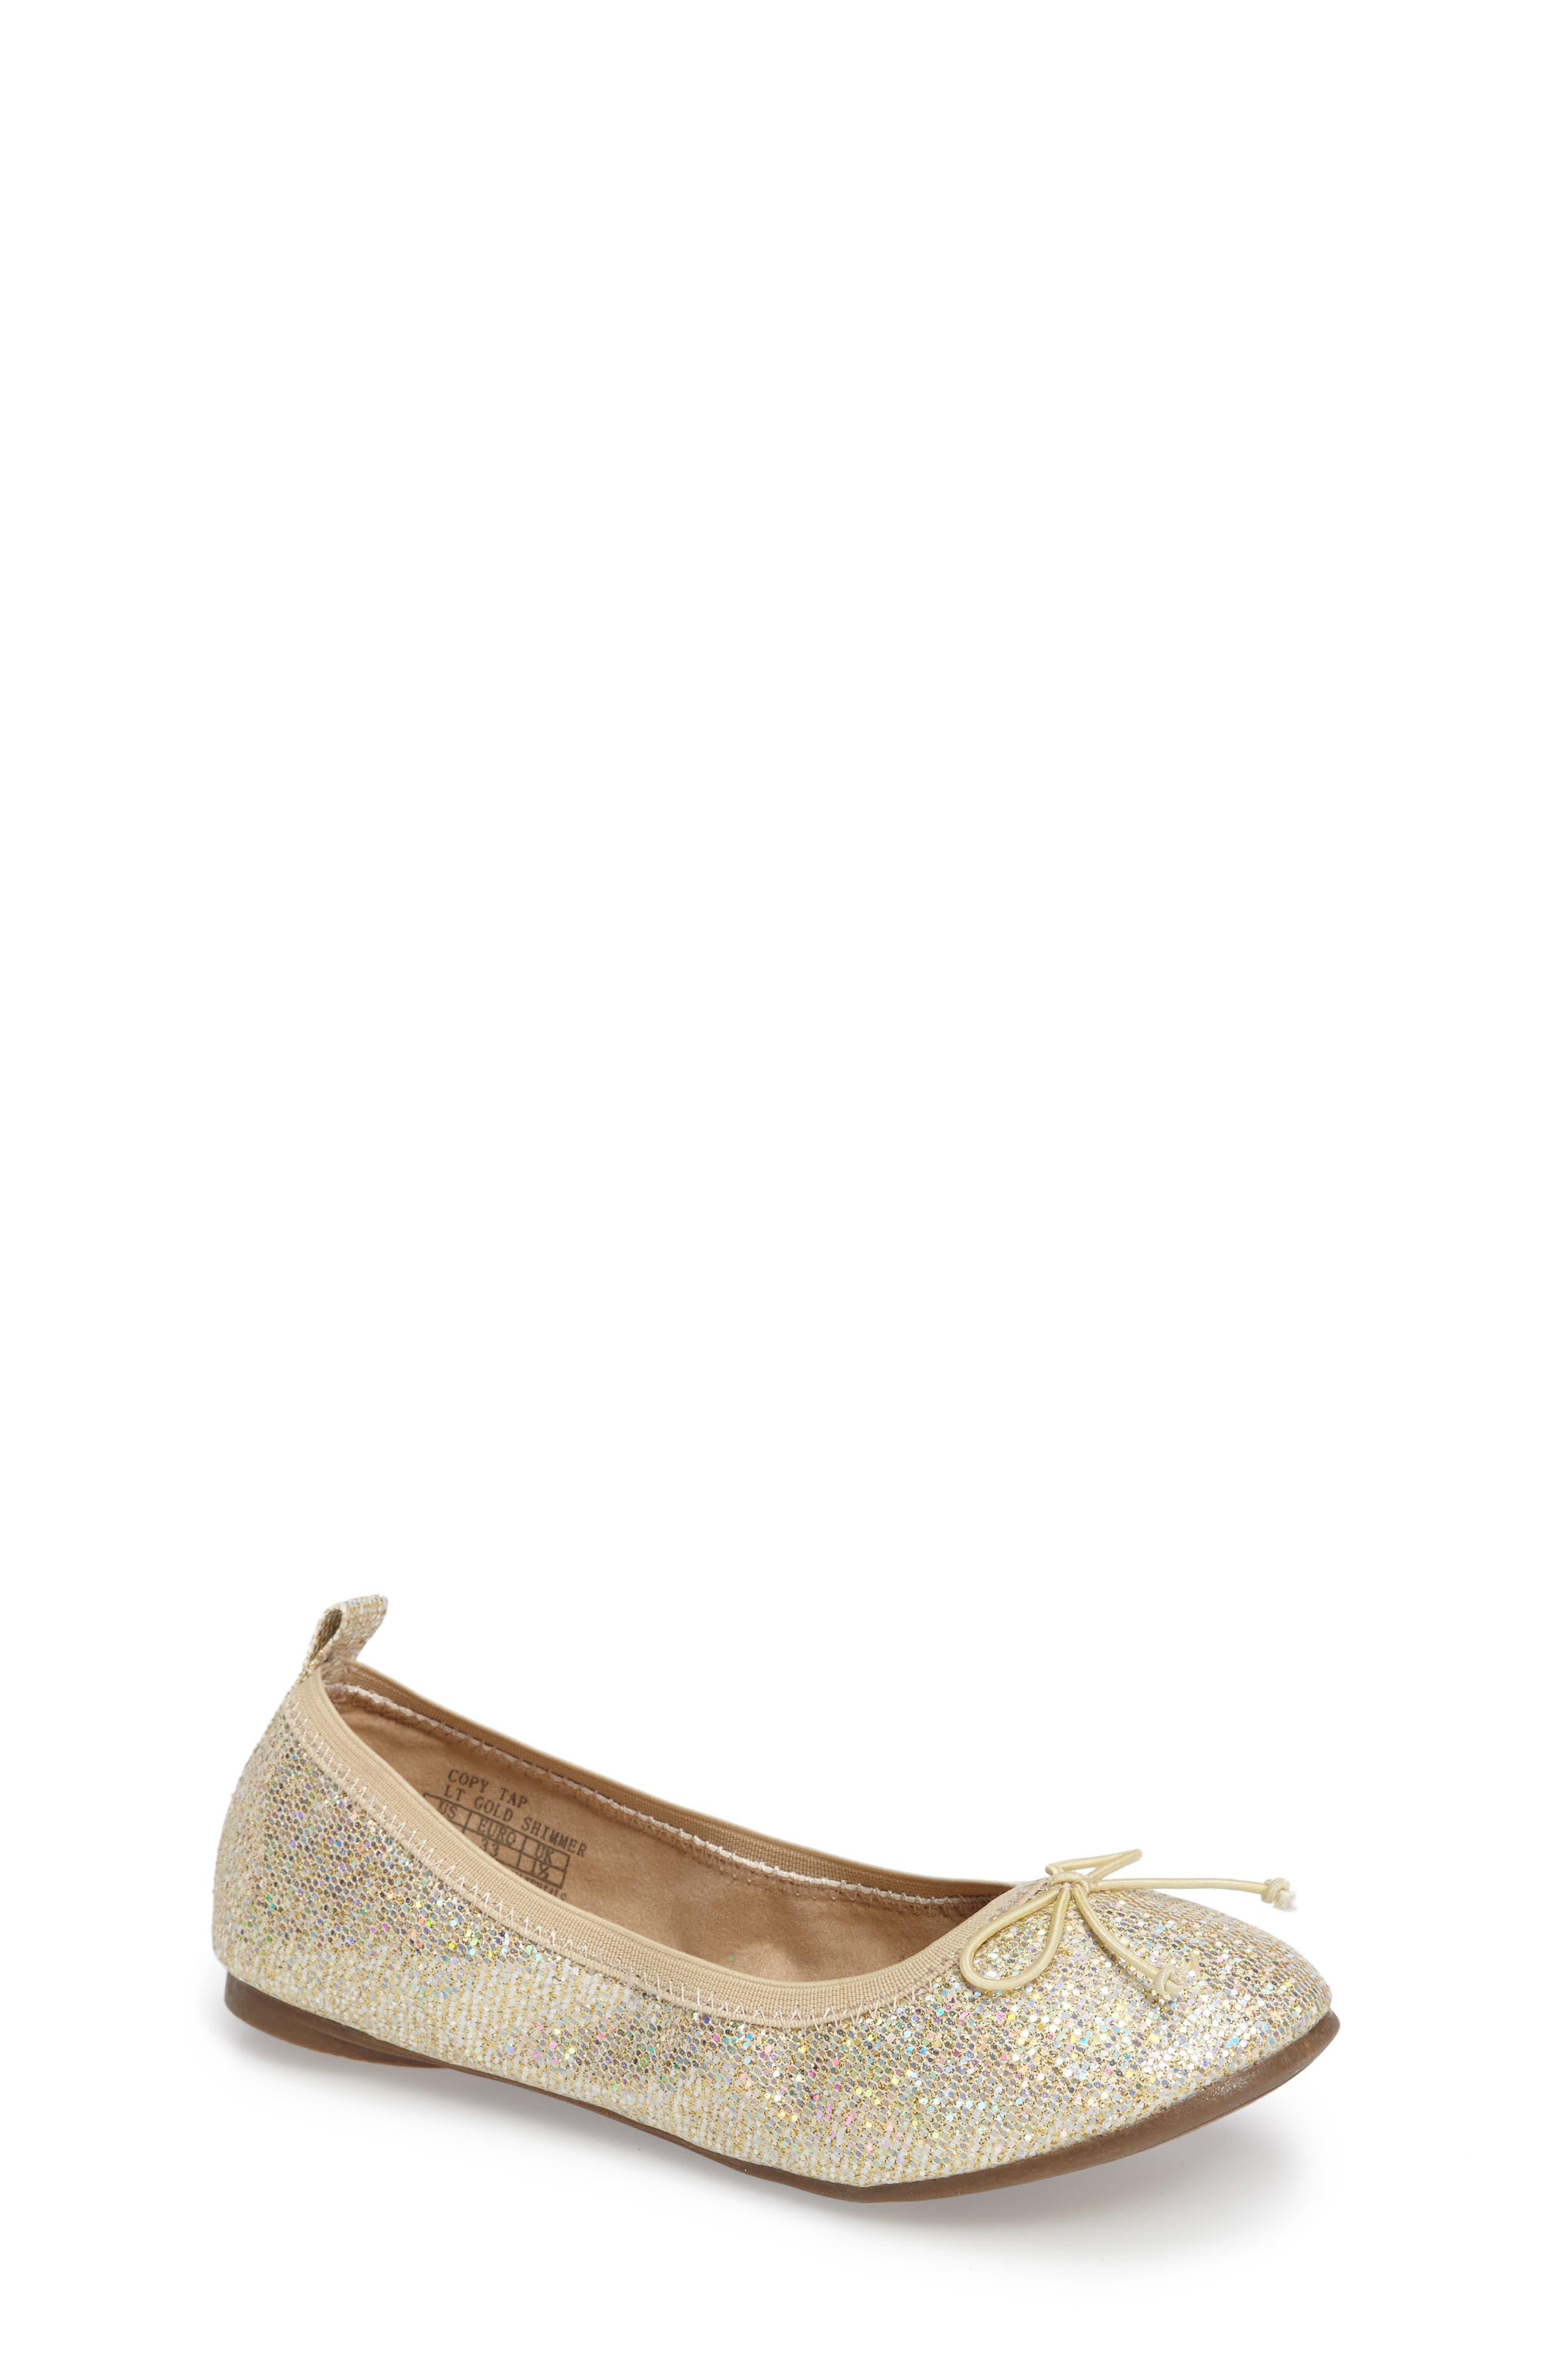 Copy Tap Shimmer Ballet Flat,                         Main,                         color, LIGHT GOLD SHIMMER